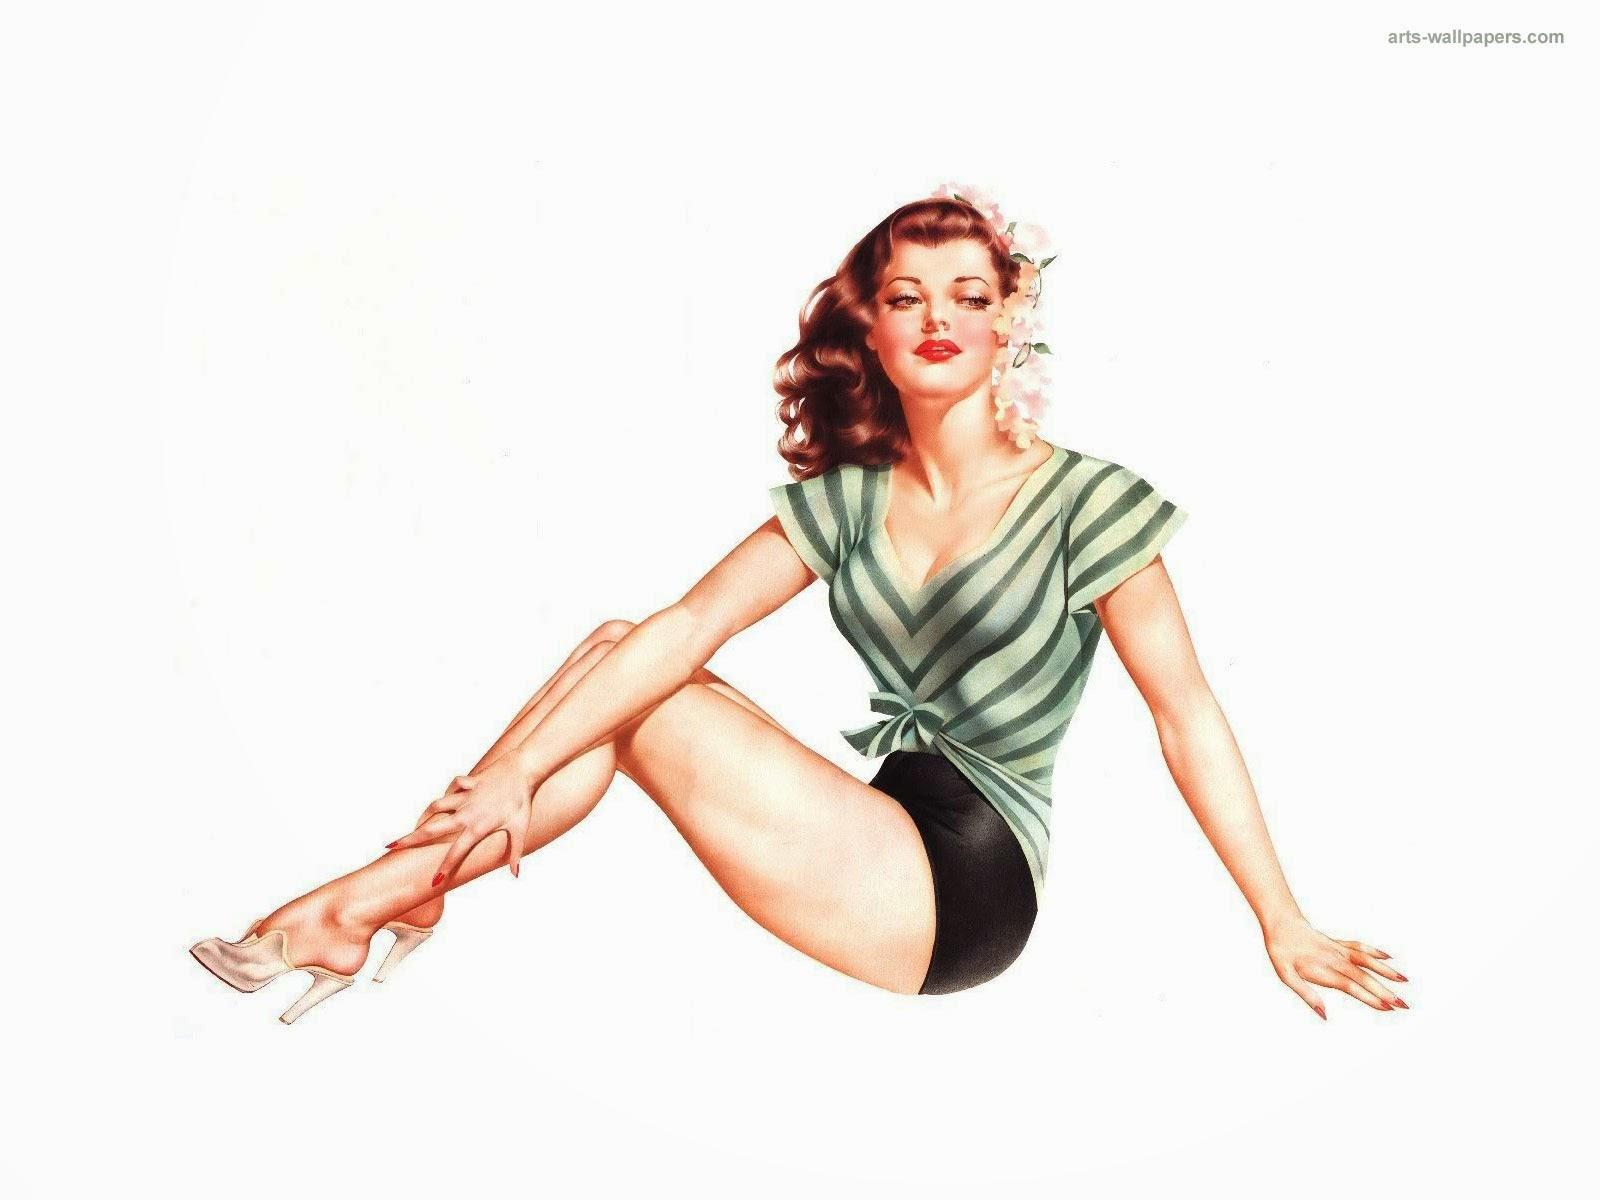 ilustración de chica sexy estilo pin up